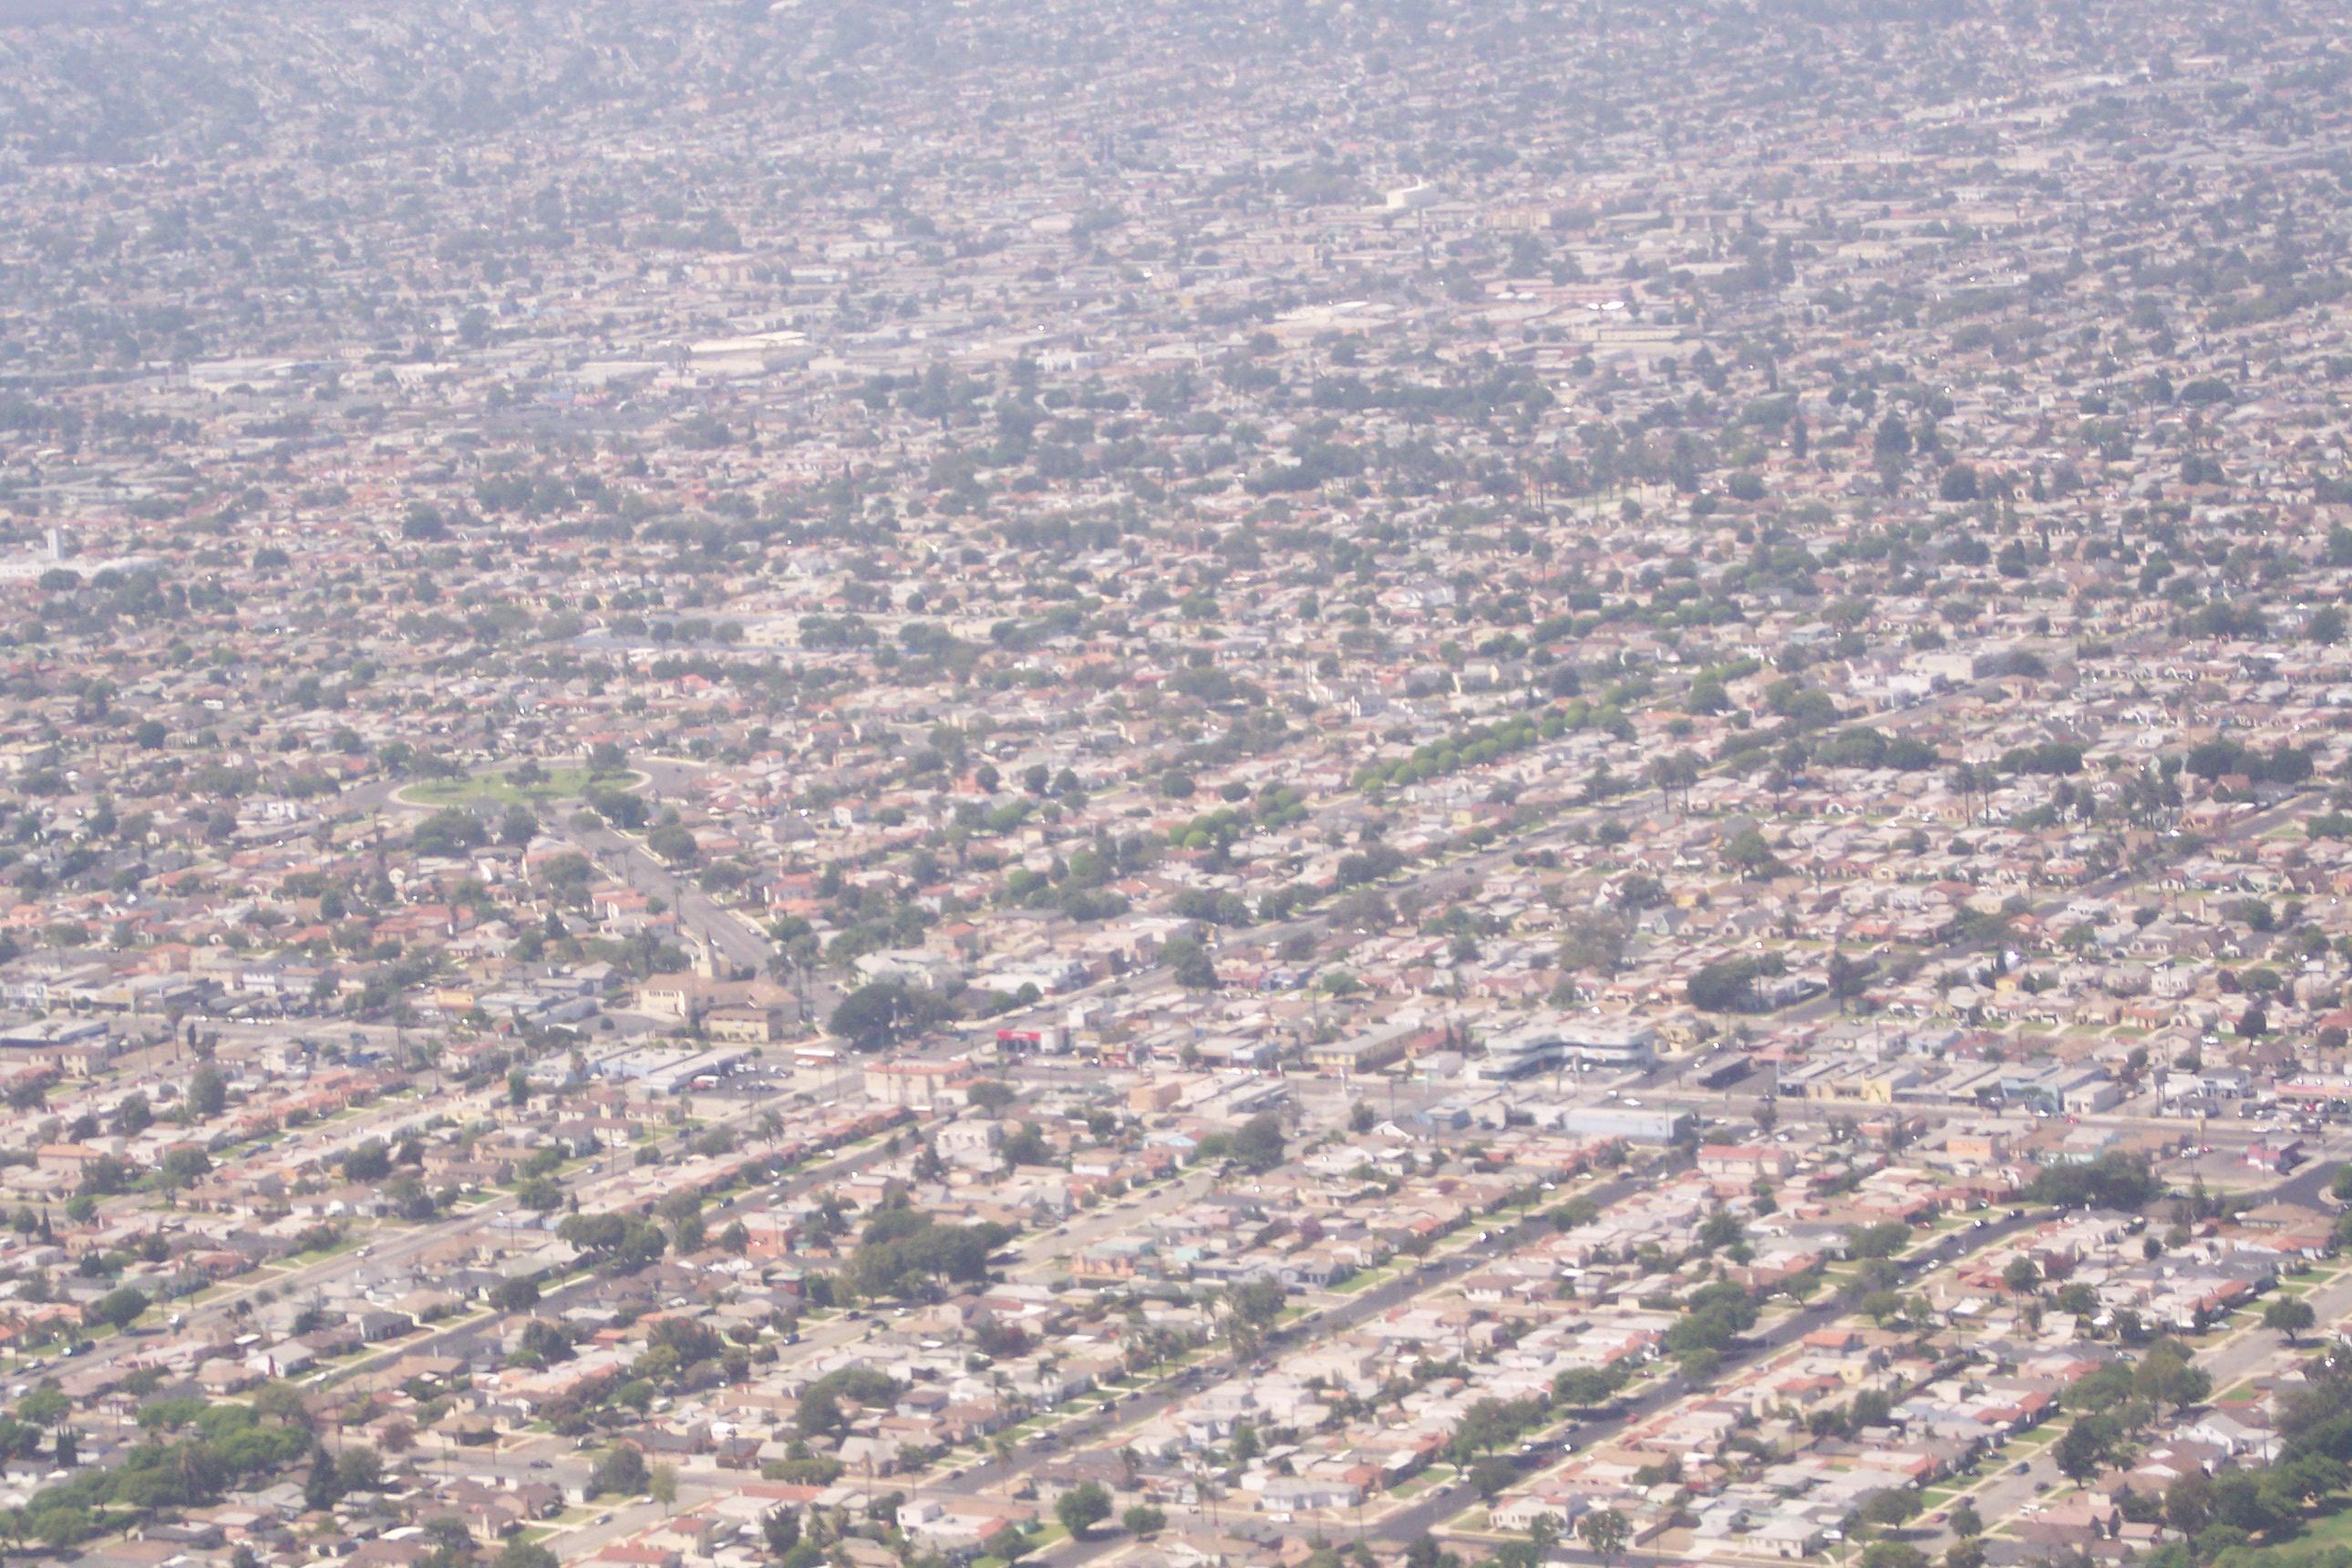 Nordamerikanische Stadt – Wikipedia